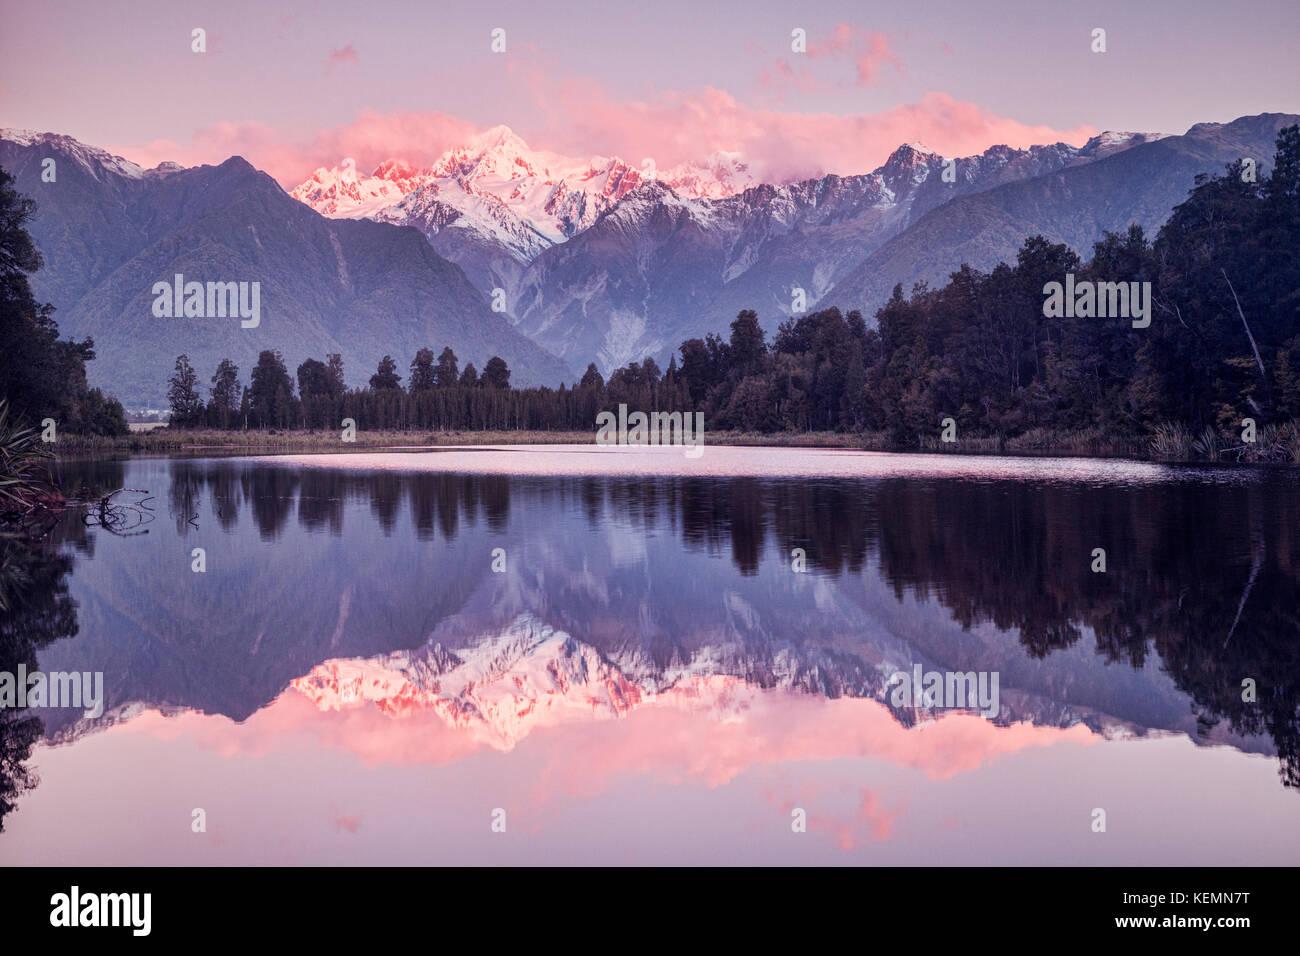 Il lago di matheson al tramonto con coperta di neve mount tasman e, nel cloud, aoraki-Mount Cook Nuova Zelanda la Immagini Stock